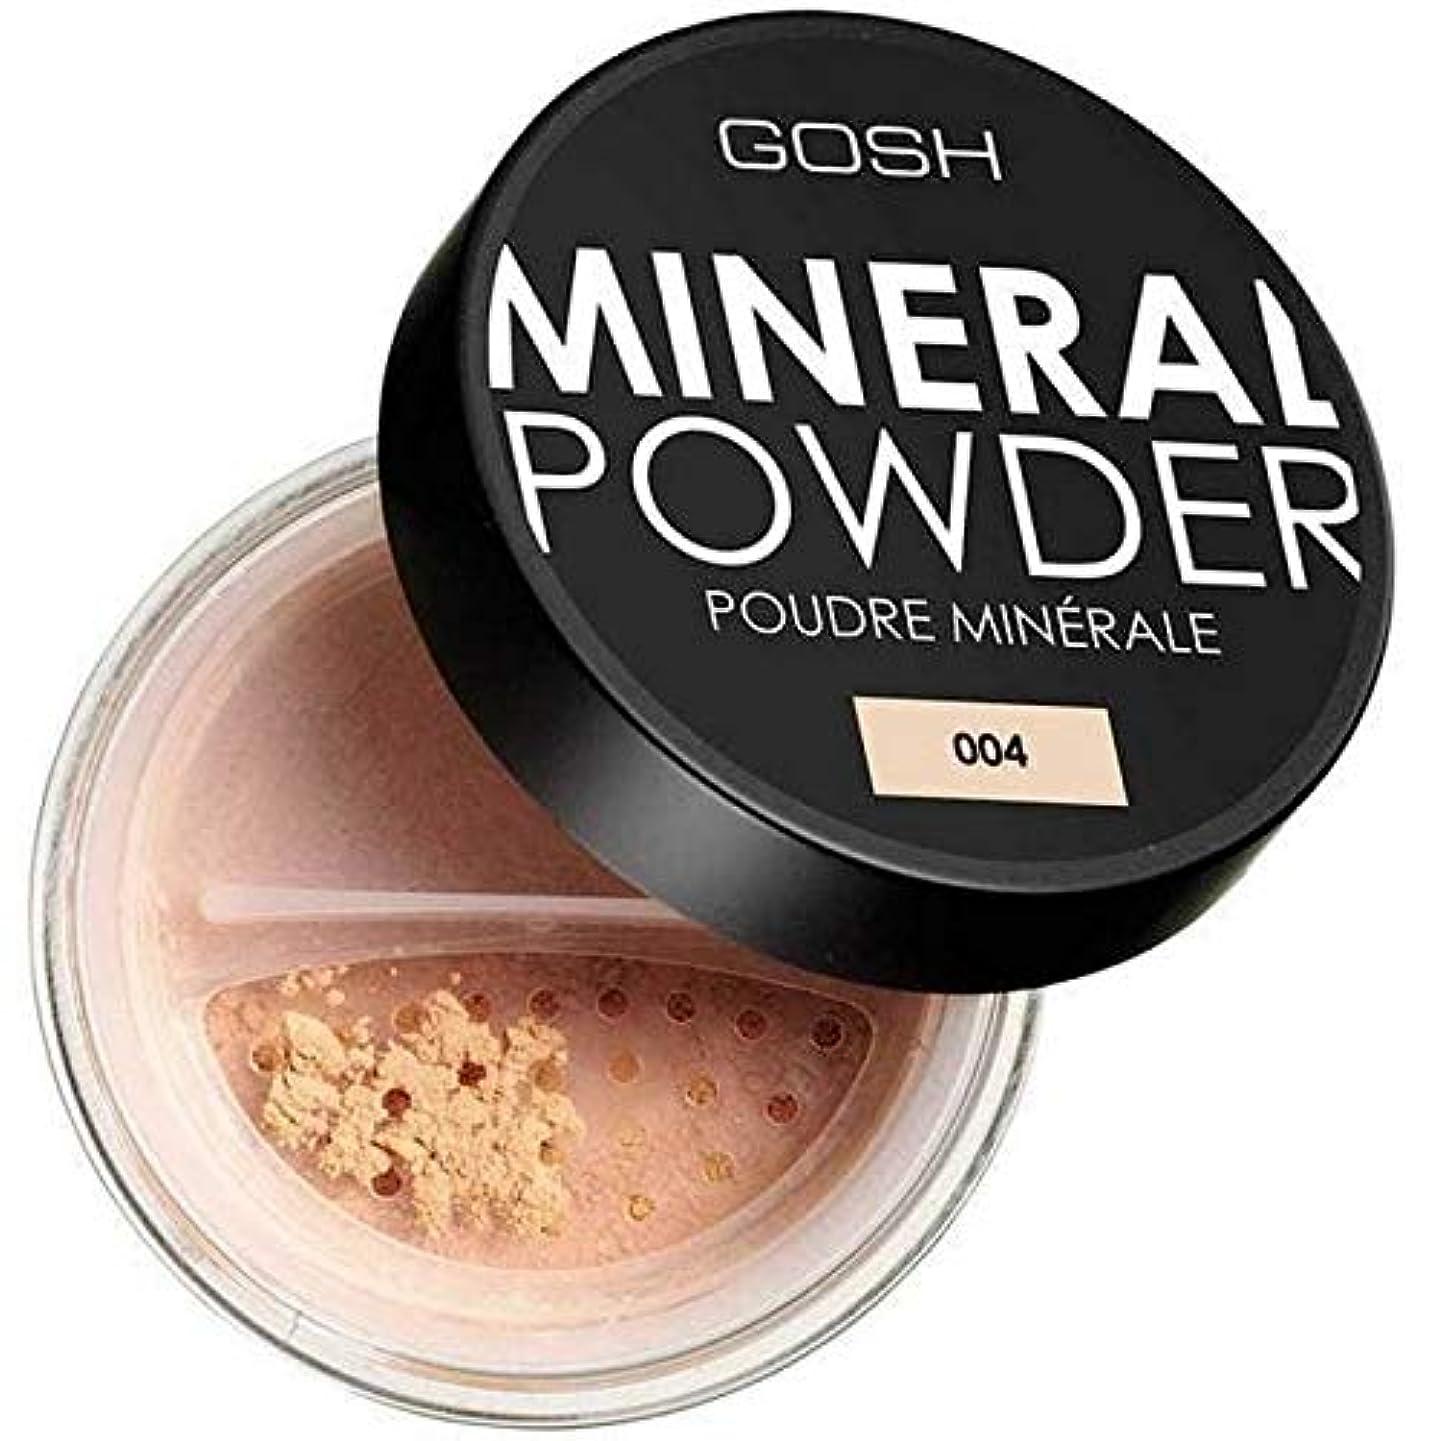 つづりアイザック懇願する[GOSH ] おやっミネラルフルカバーファンデーションパウダーナチュラル004 - Gosh Mineral Full Coverage Foundation Powder Natural 004 [並行輸入品]